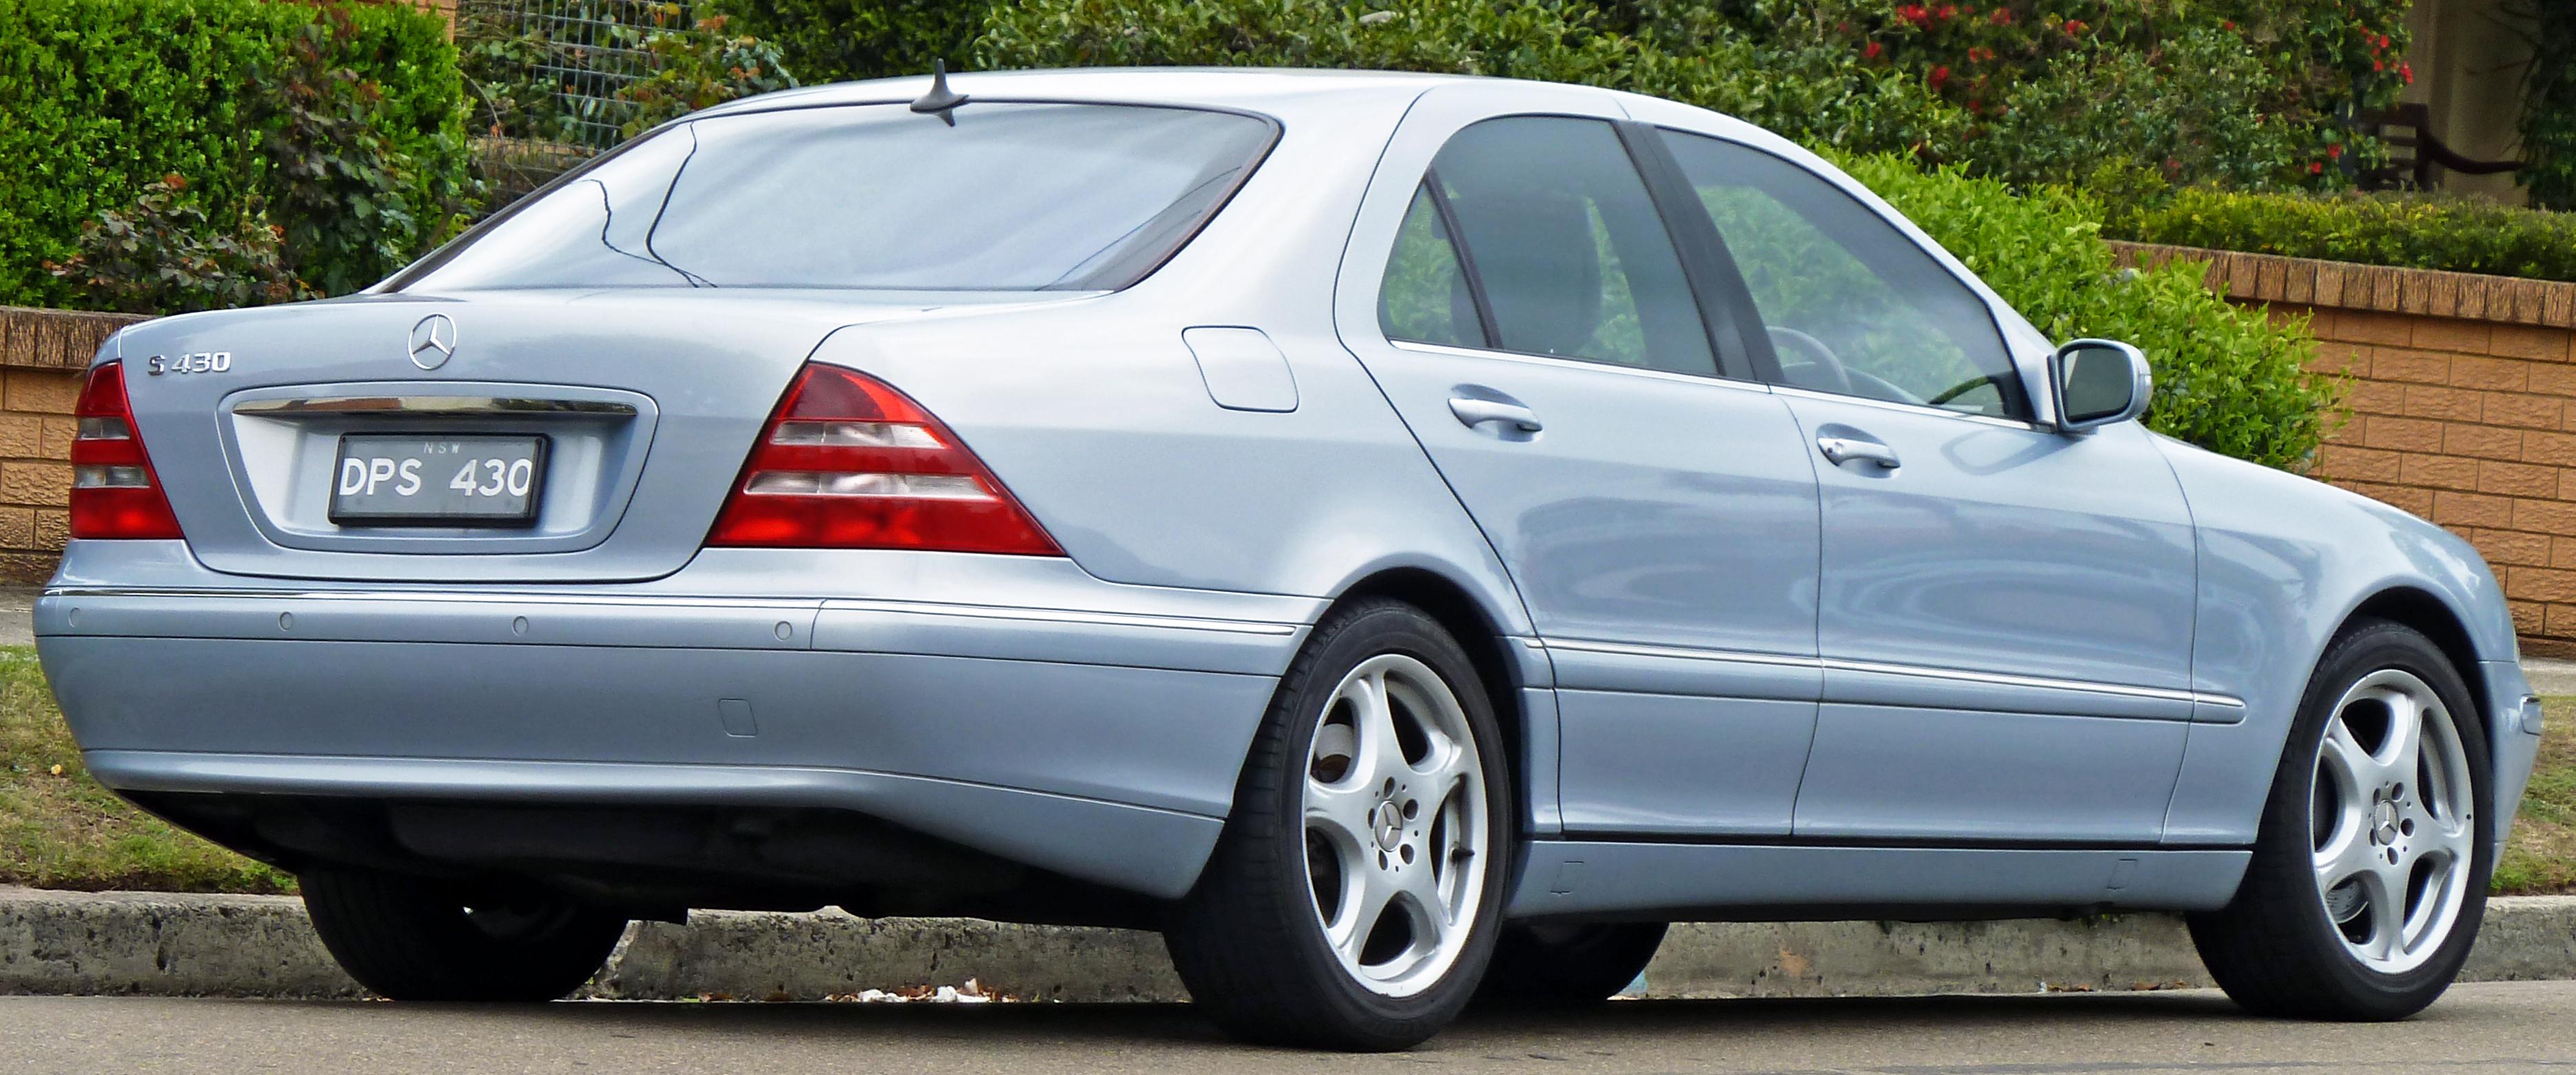 mercedes benz s class w220 s 350 245 hp rh dataraba com 2004 Mercedes-Benz S430 Recalls 2006 Mercedes-Benz S350